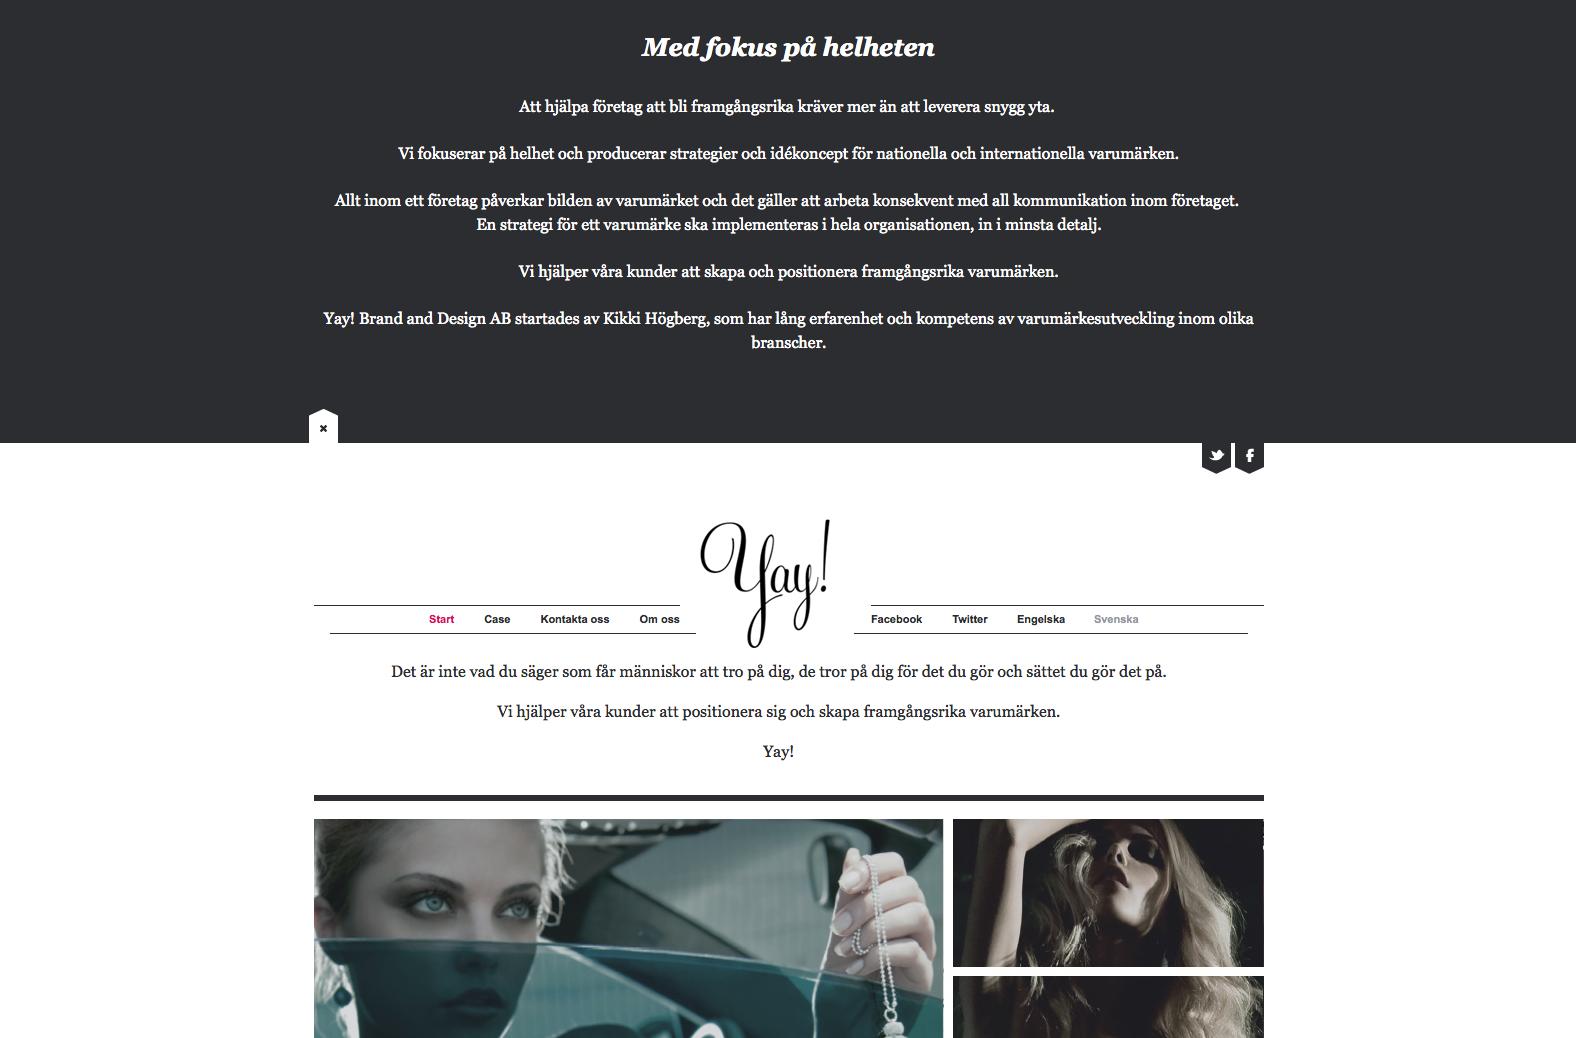 Yay-webb2-Om-oss